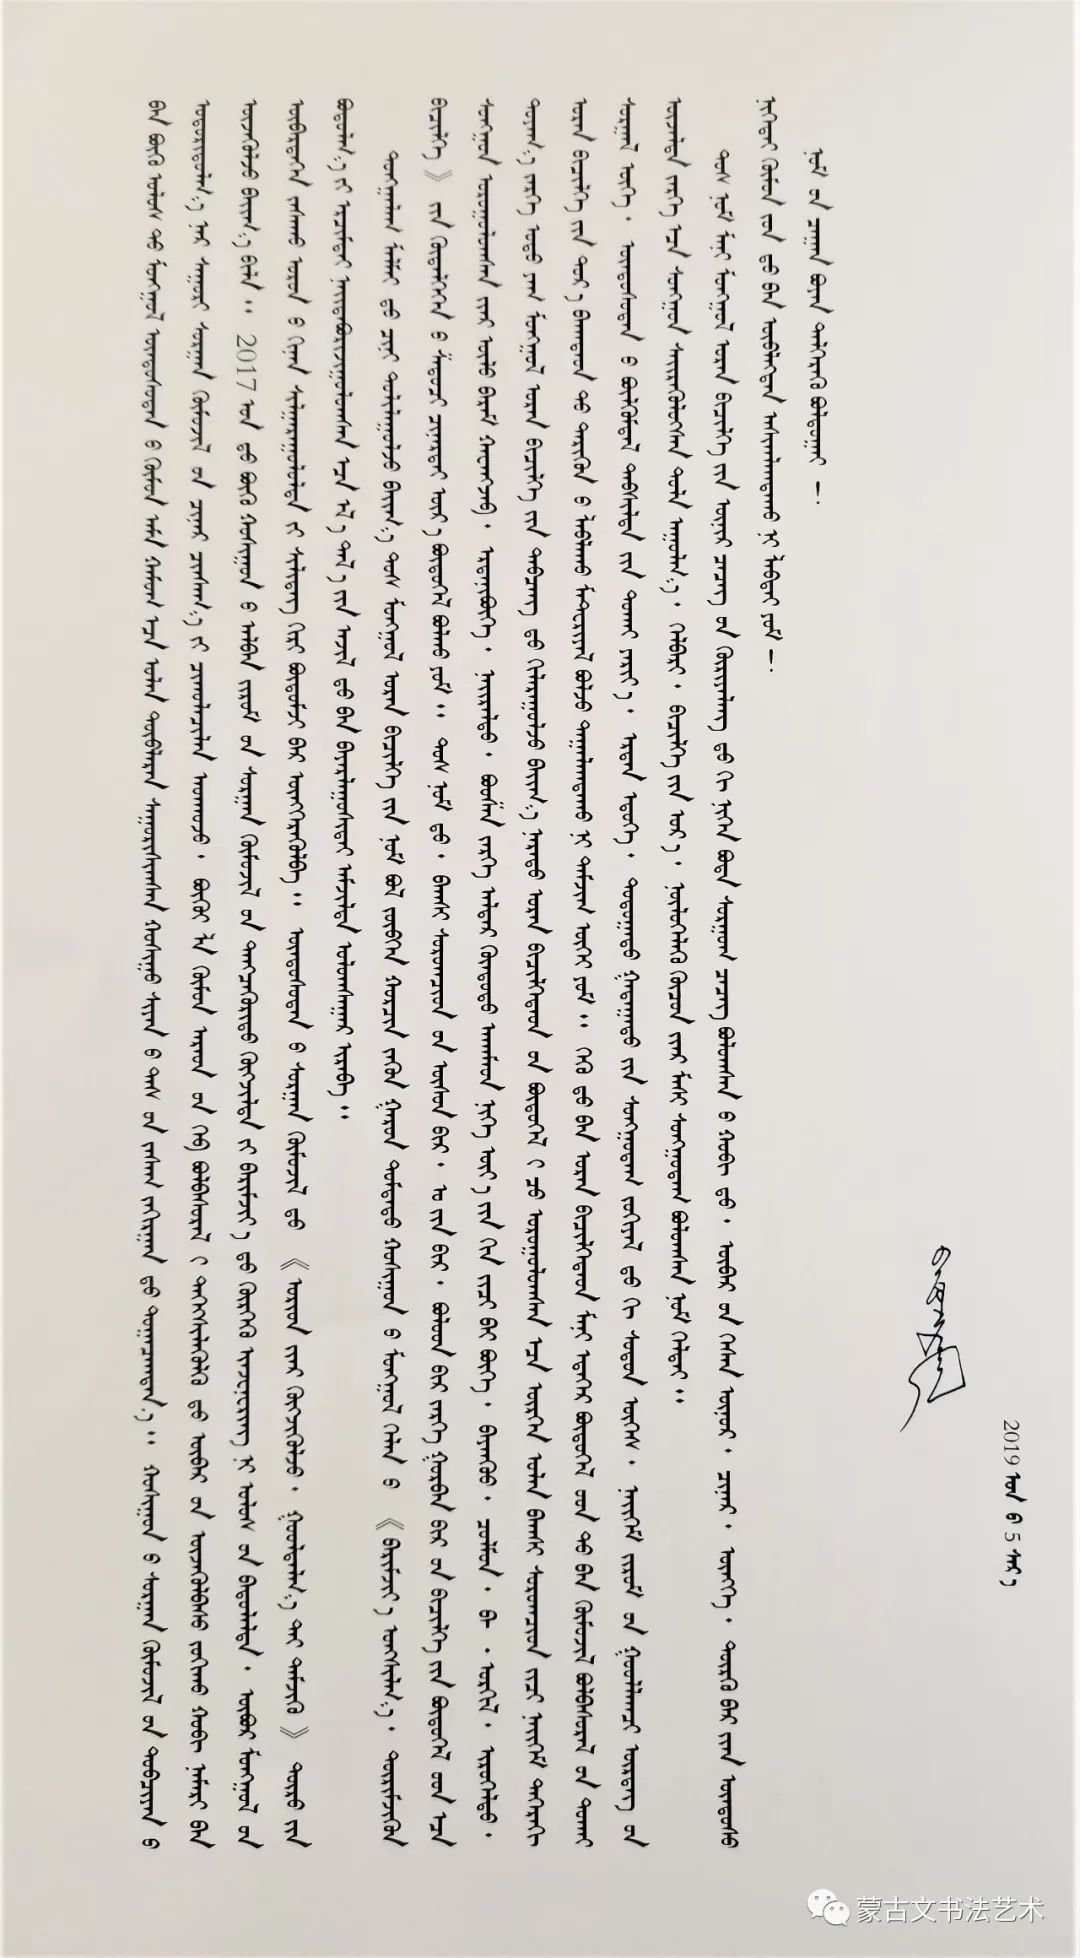 蒙古文书法作品集 第3张 蒙古文书法作品集 蒙古书法